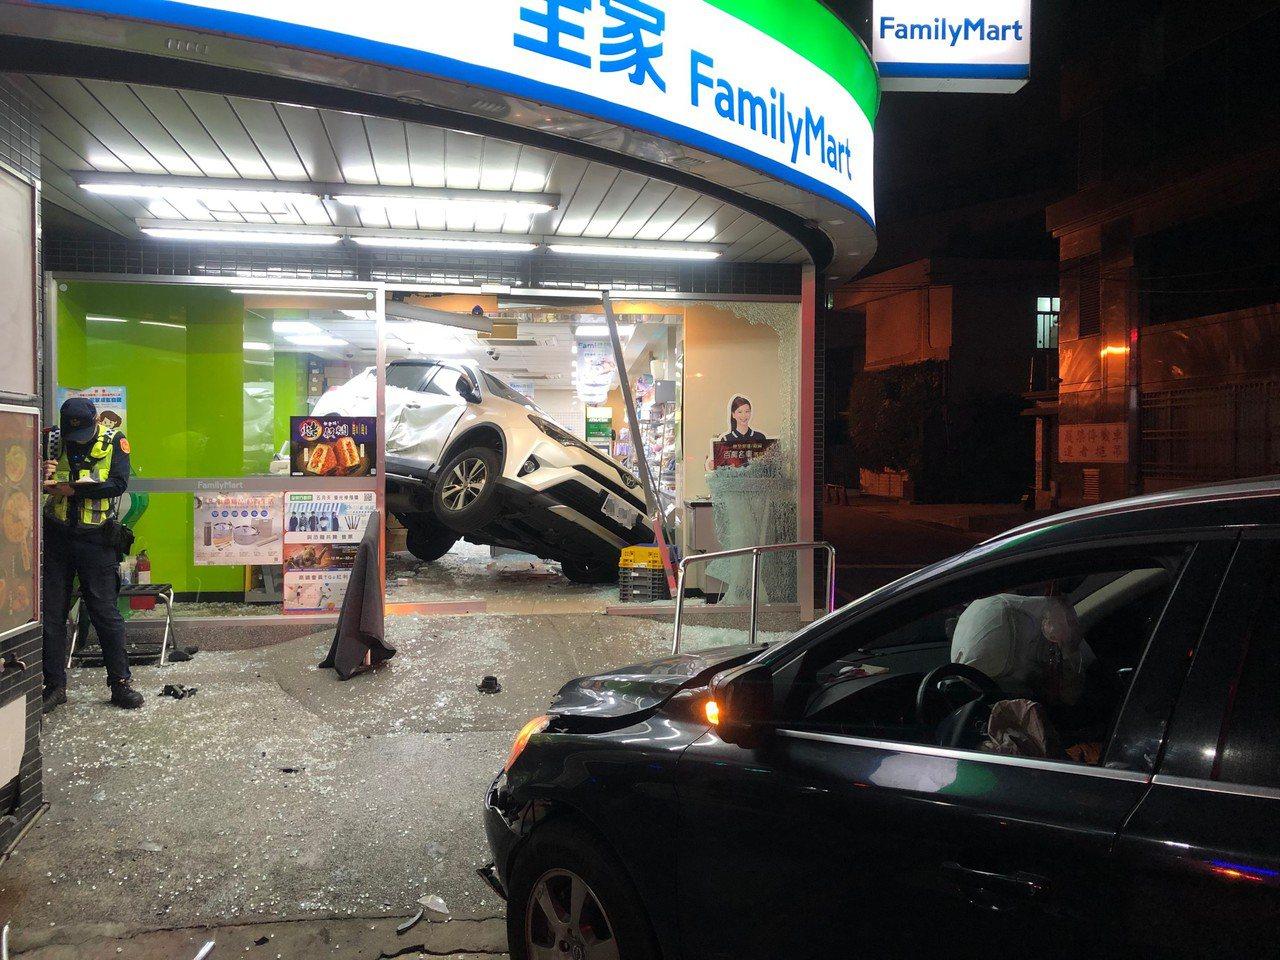 肇事的黑色休旅車因闖紅燈,攔腰撞上白色休旅車,導致對方失控衝進超商。記者曾健祐/...